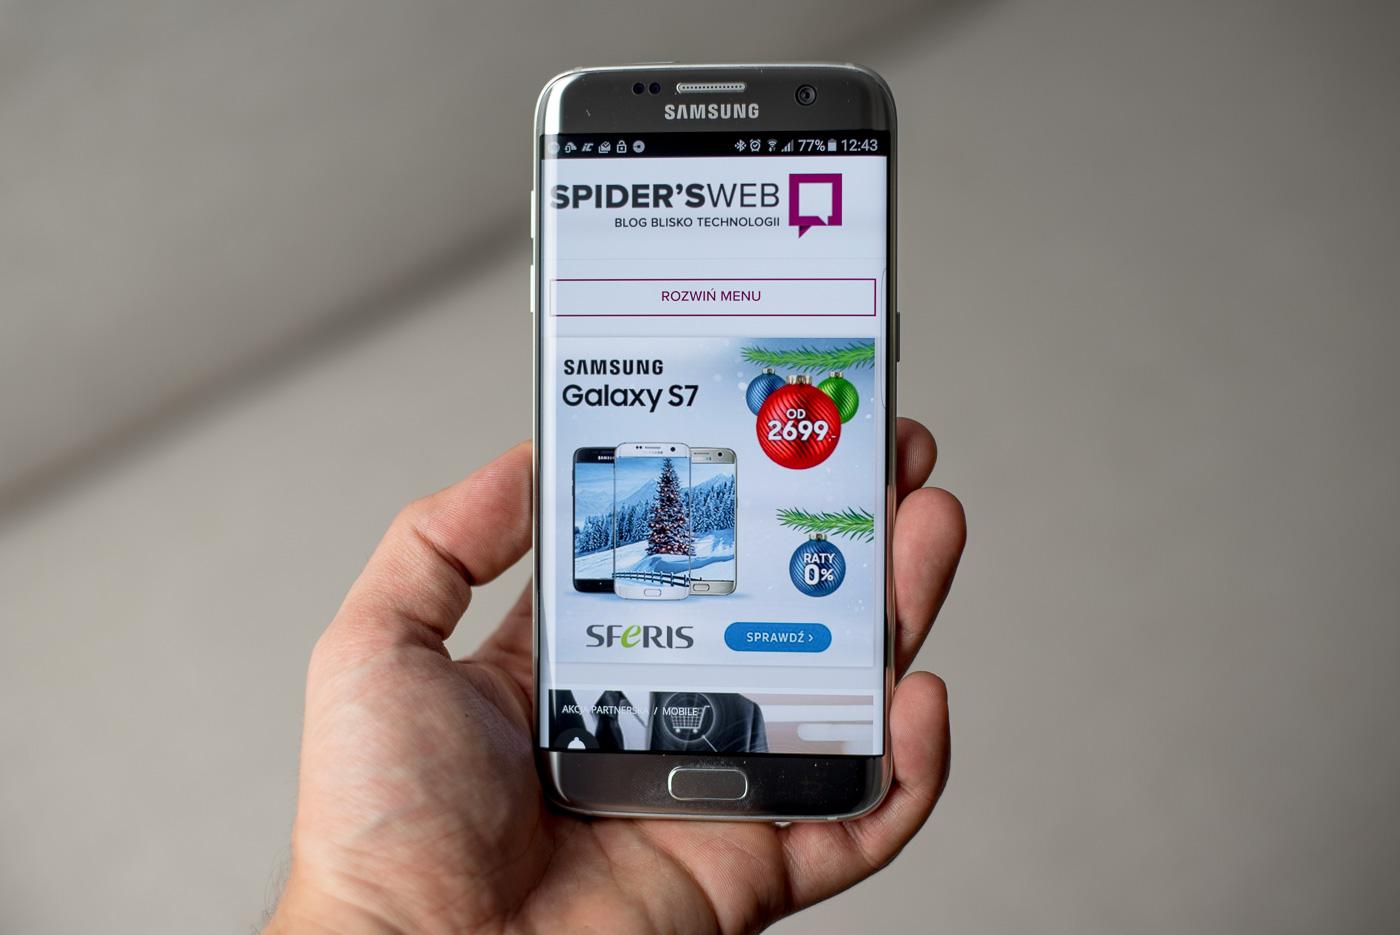 [AKTUALIZACJA] Samsung wznowił aktualizuję Galaxy S7 do Androida Oreo. Polacy nadal czekają